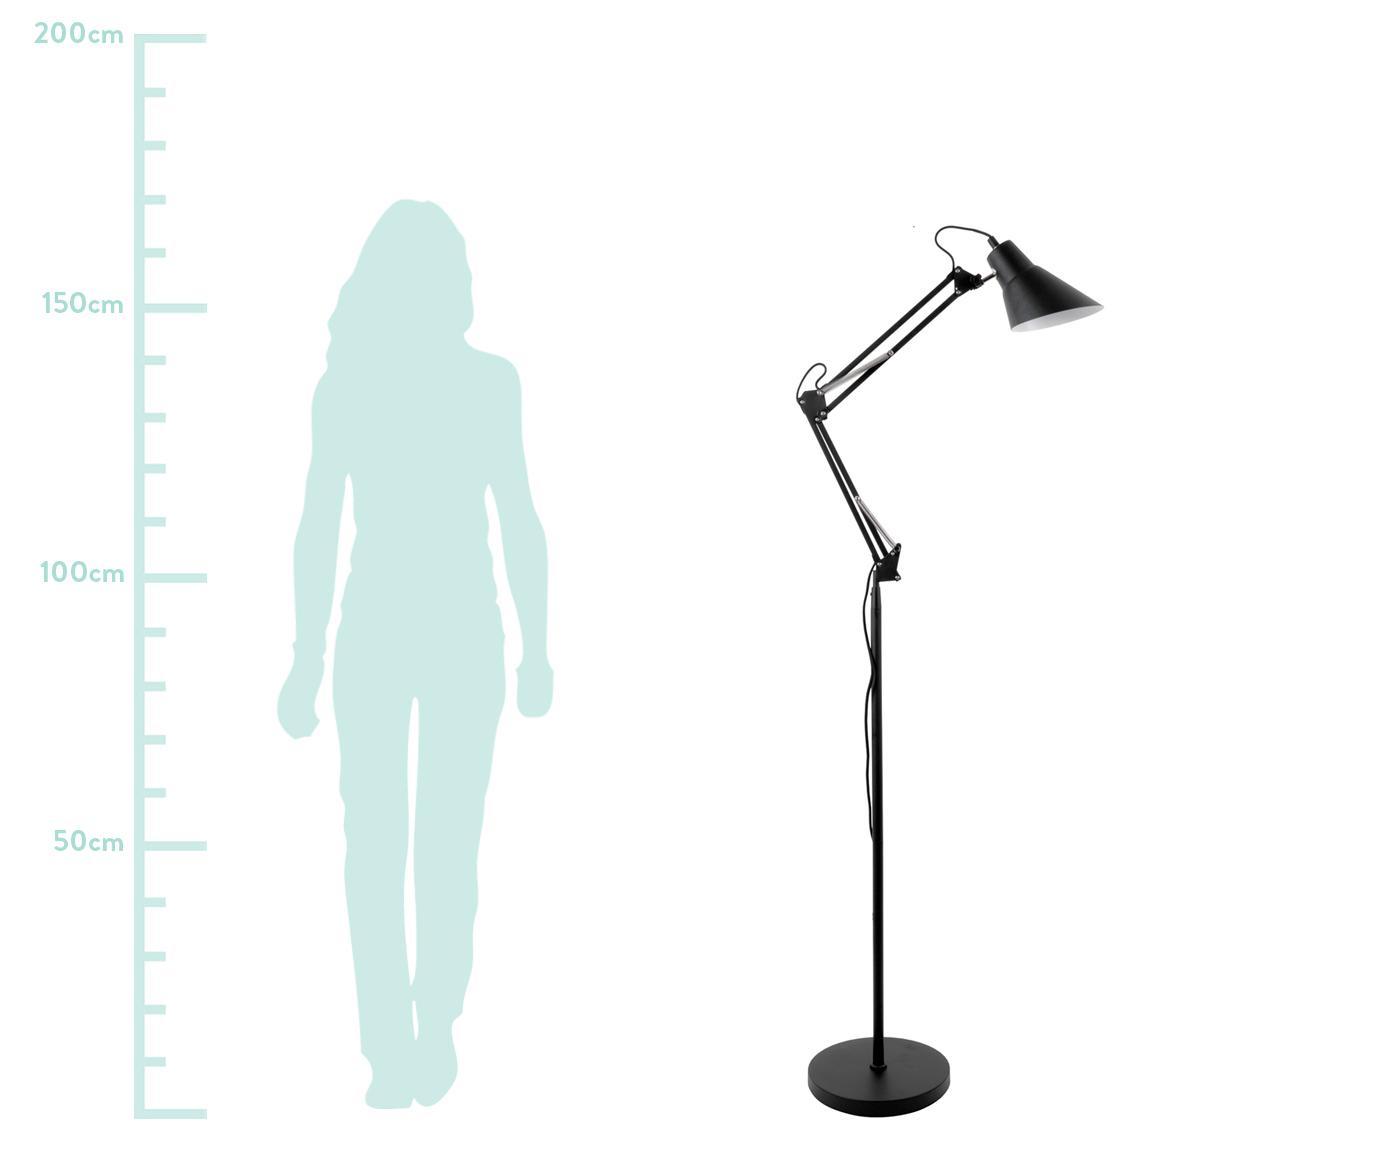 Stehlampe Fit, Leuchte: Metall, beschichtet, Schwarz, Ø 28 x H 165 cm